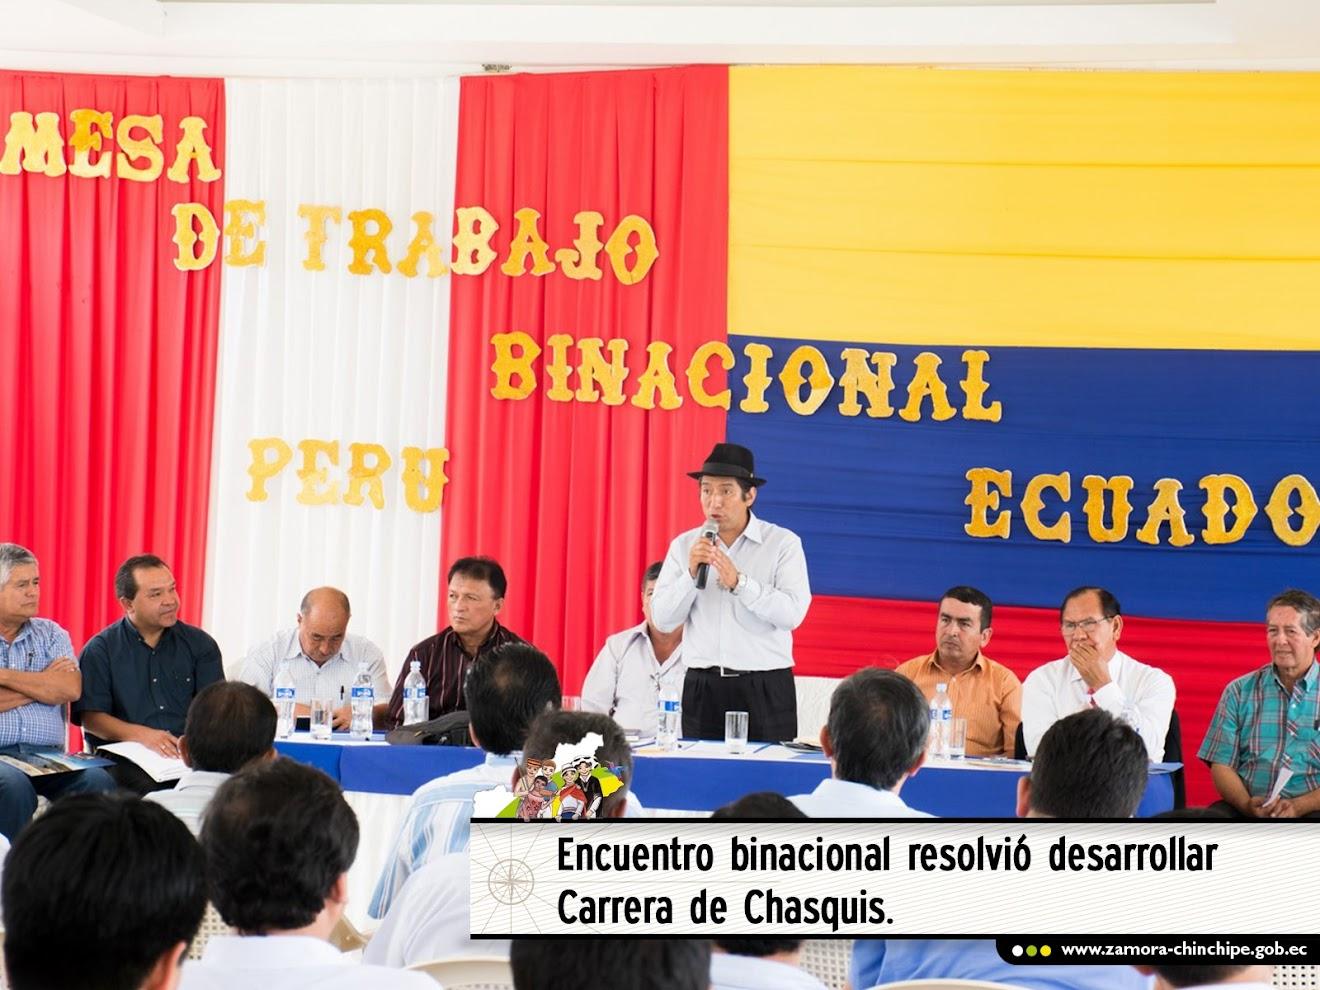 ENCUENTRO BINACIONAL RESOLVIÓ DESARROLLAR CARRERA DE CHASQUIS.